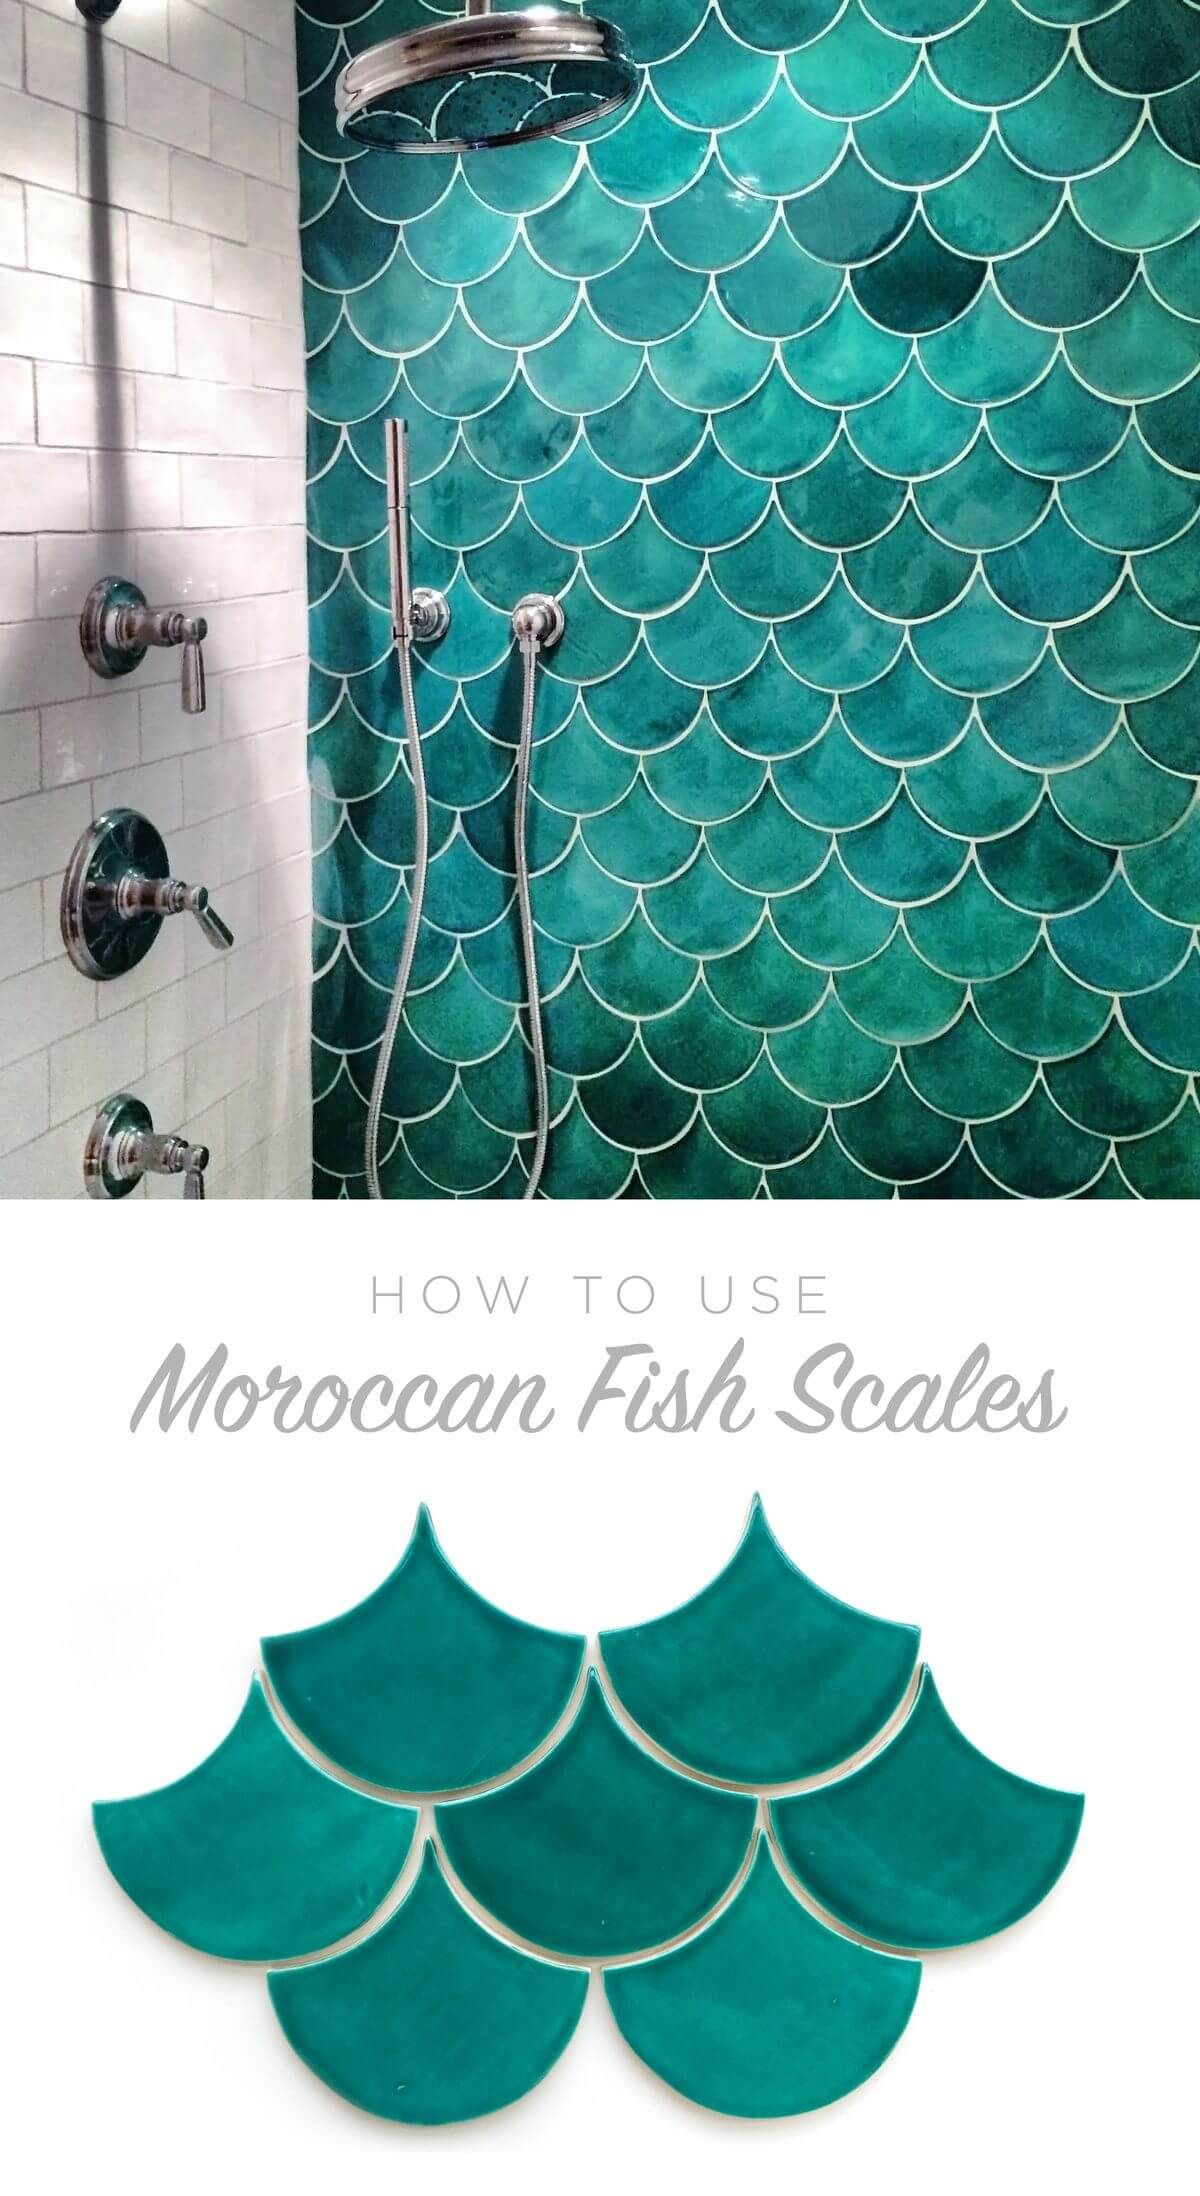 Badezimmer ideen fliesen dusche  besten duschfliesen ideen die ihr badezimmer verwandeln werden